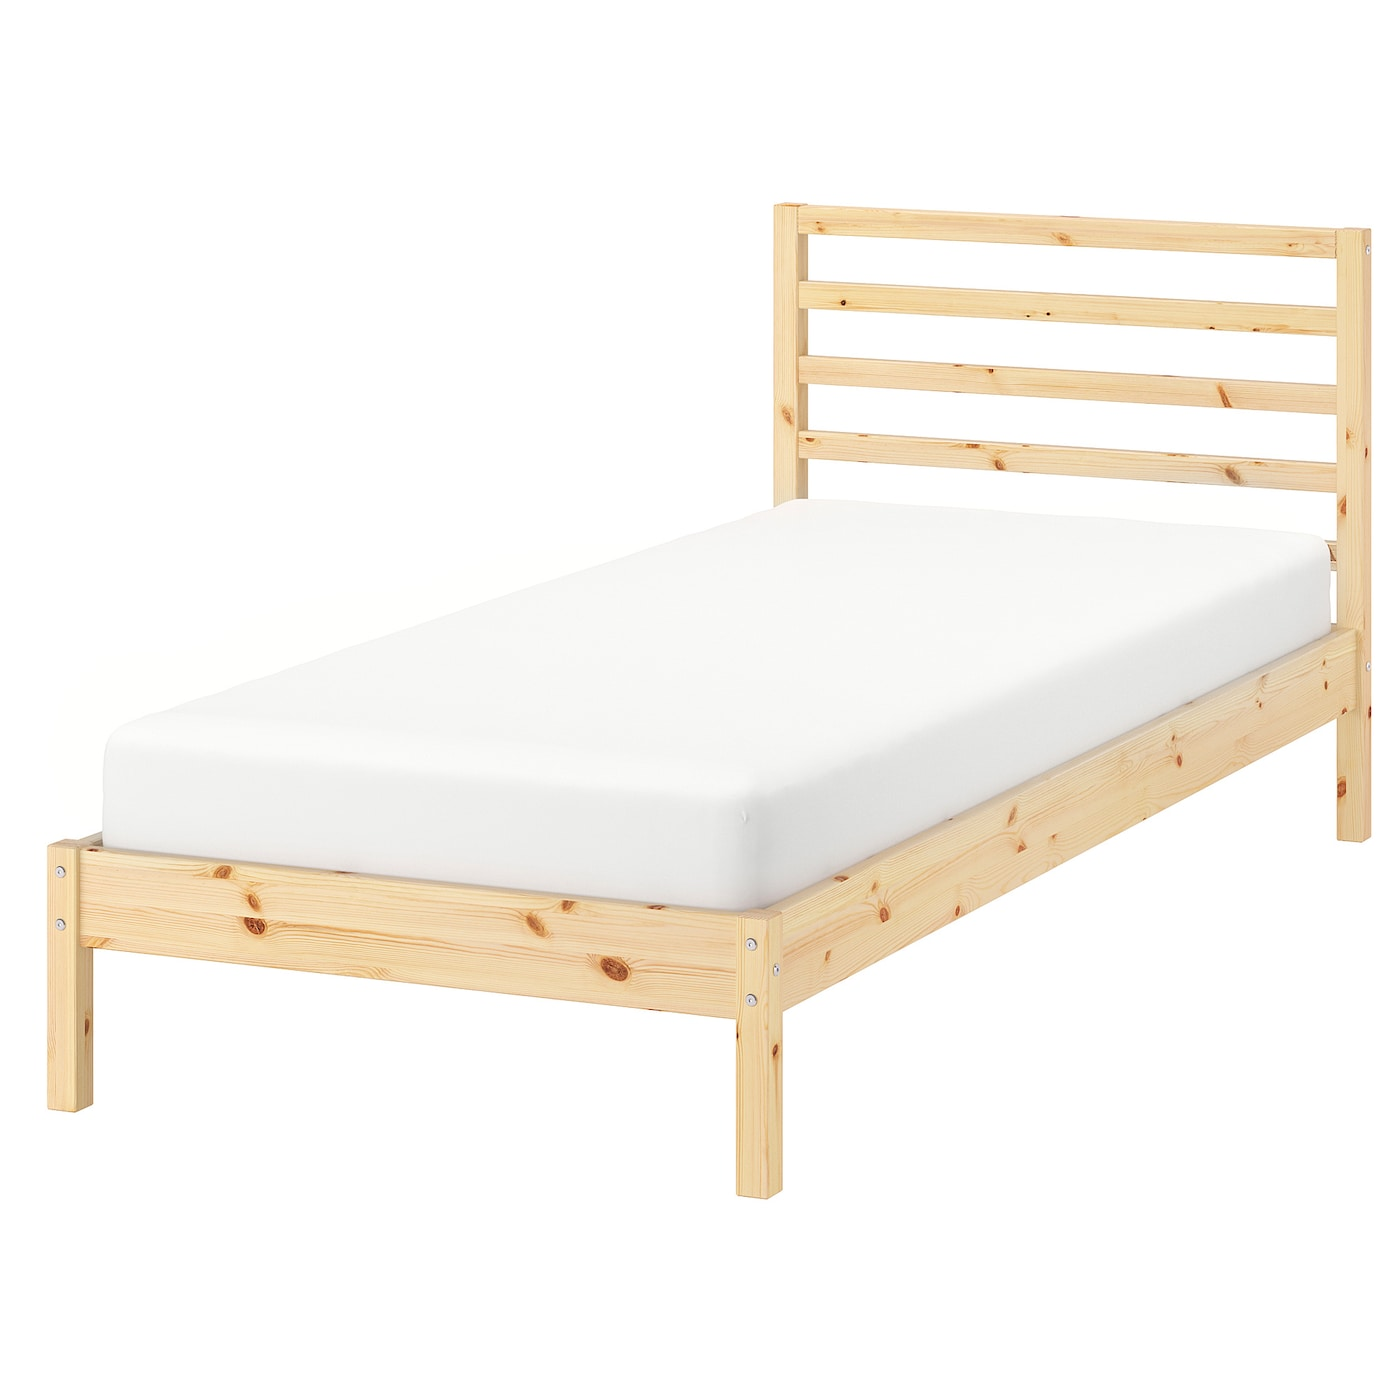 IKEA Tarva Bed